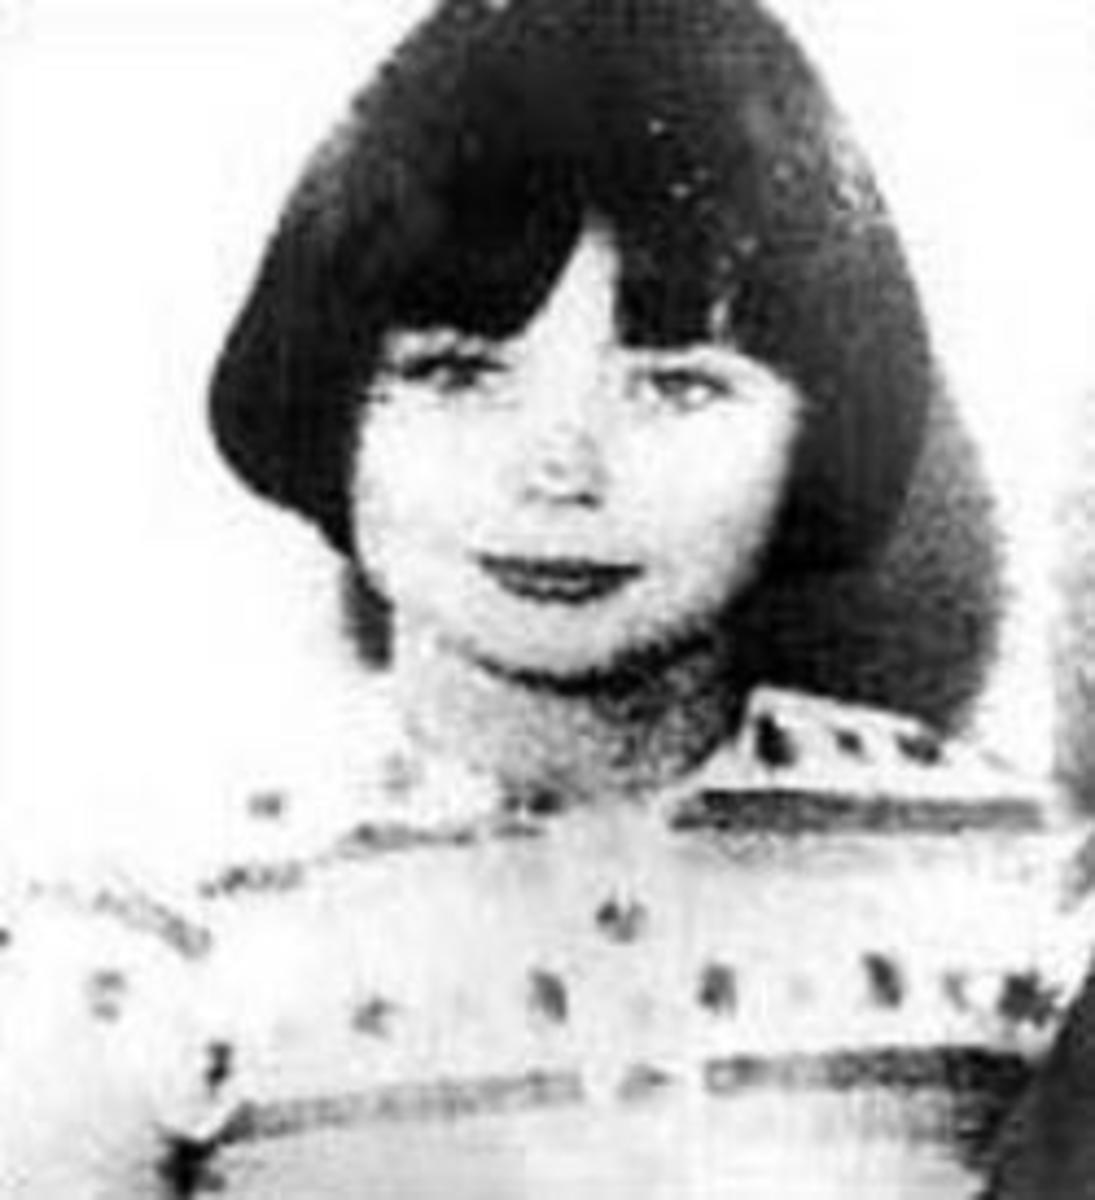 Murderous Children: 11 Year Old Serial Killer Mary Bell